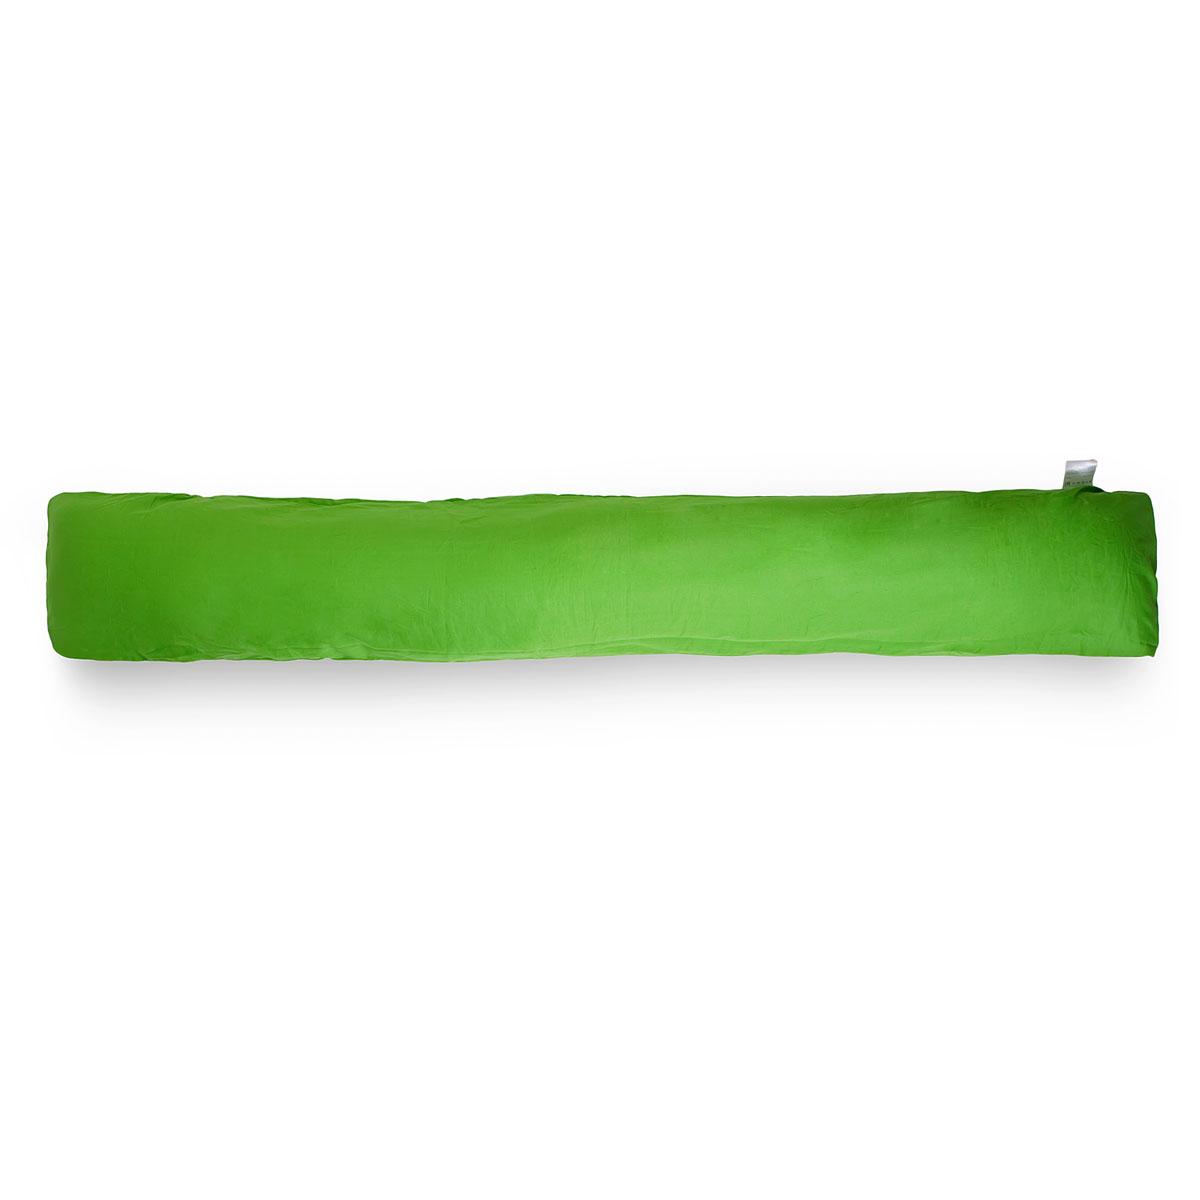 Био-подушка для всего тела I maxi цвет чехла зеленый531-326Био-подушка I maxi - это длинная подушка, размера которой будет достаточно для комфорта высоких людей. Это большая подушка подойдет даже мужчинам. Удобна как длинная подушка для изголовья кровати, подушка-позиционер, большая подушка-обнимашка. Идеальна в качестве оригинального подарка парню или девушке.Мягкий наполнитель из тонкого полиэфирного волокна (экофайбер) гигиеничен и прост в уходе (машинная стирка). Подушка мягкая и комфортная, равномерно наполнена. Вы можете сгибать и скручивать подушку, чтобы принять удобную позу, потом подушка вернет свою первоначальную форму. Съемный чехол из хлопковой ткани защитит вашу подушку от загрязнений, он легко снимается и одевается, долговечен и прост в уходе.